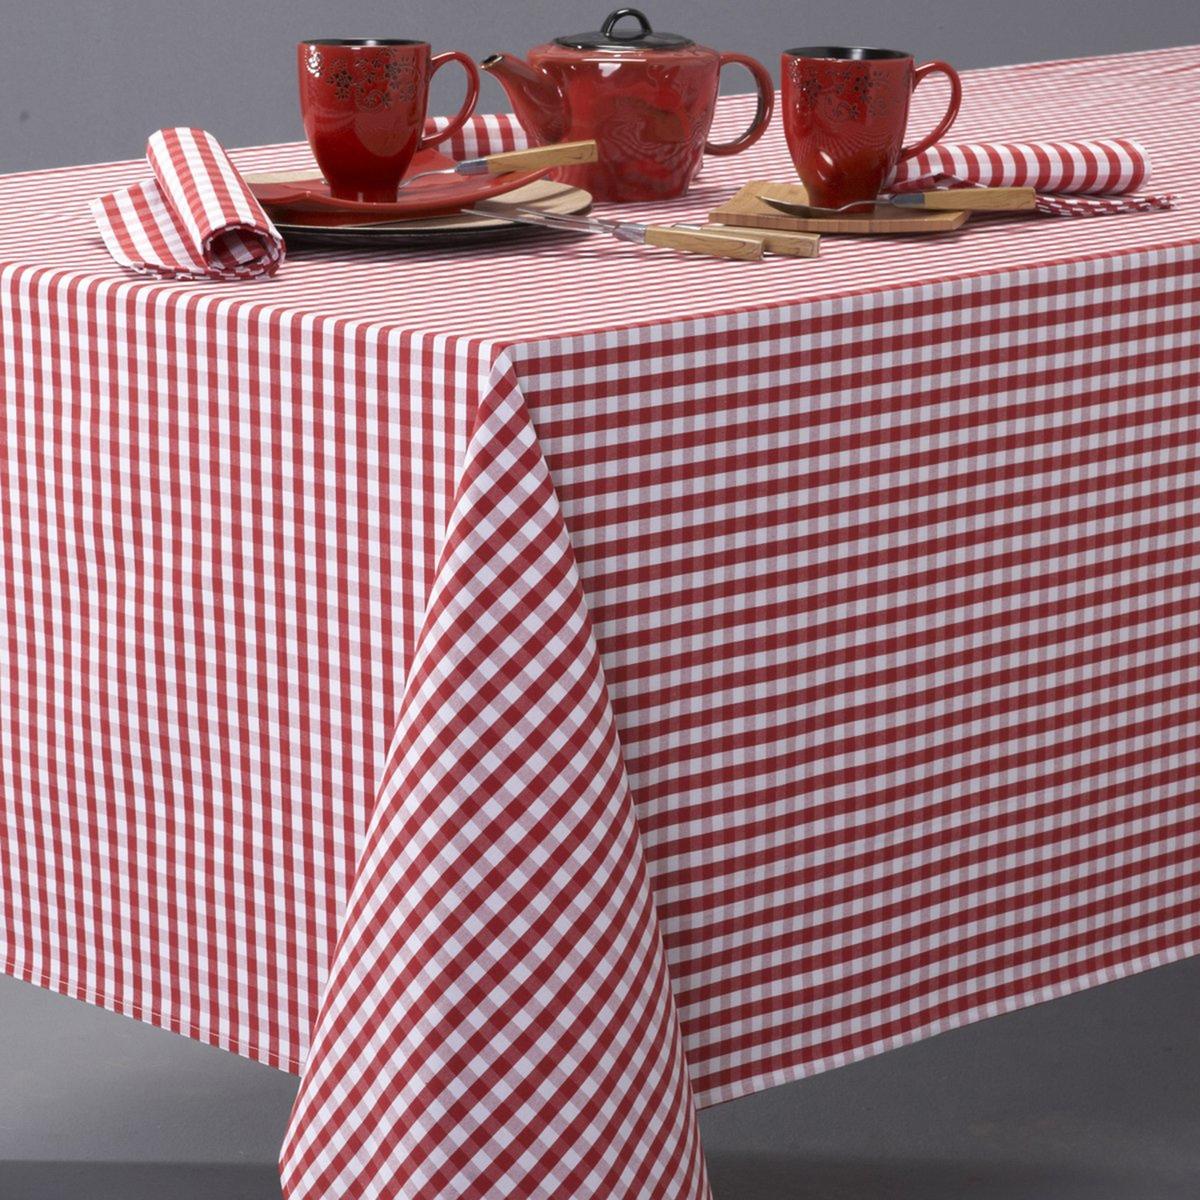 Скатерть в клетку виши, 100% хлопок с окрашенными волокнами, GARDEN PARTYВсегда модный рисунок в деревенском стиле, 3 цвета, для повседневного использования ! Машинная стирка при 40 °С.Текстиль для столовой, 100% хлопок с окрашенными волокнами : гарантия качества и долговечности.<br><br>Цвет: красный/ белый,серо-коричневый,серый/ белый